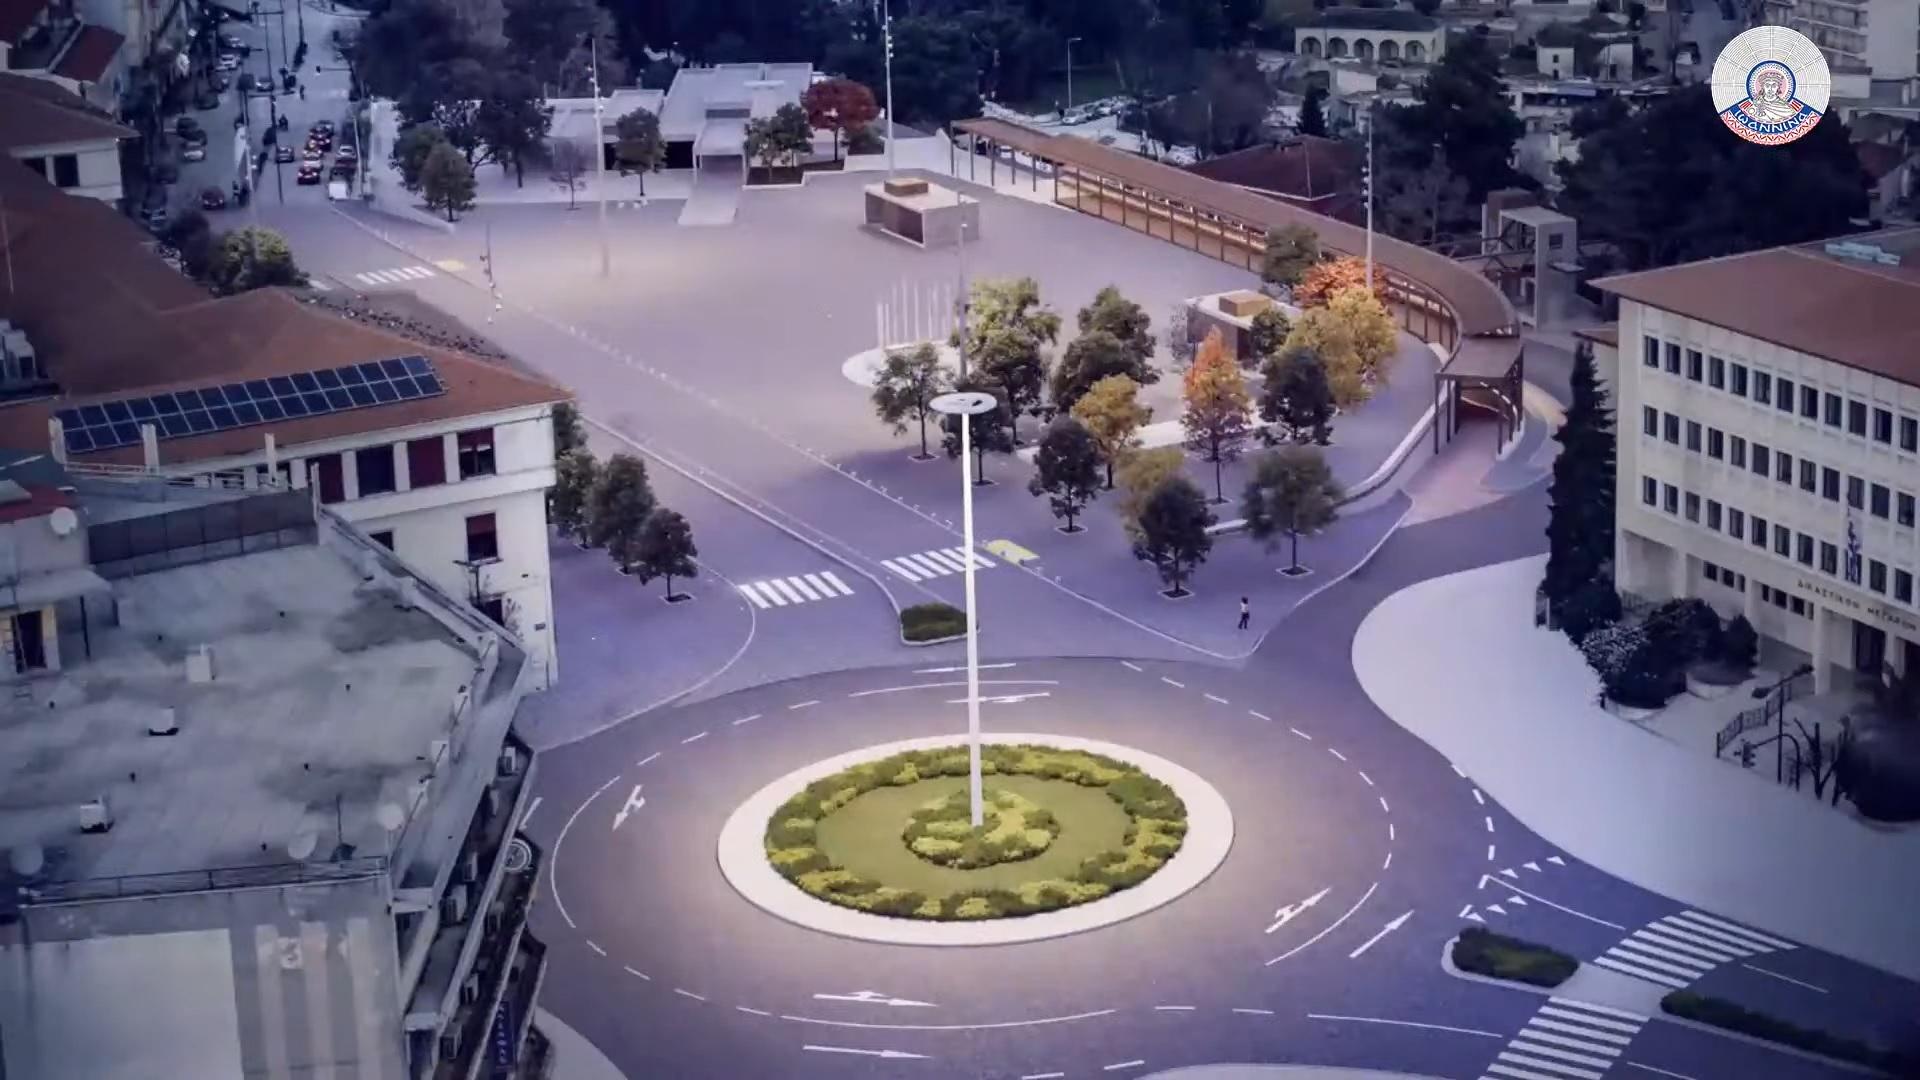 Ιωάννινα:Αλλάζει η κεντρική πλατεία της πόλης![εικόνες]